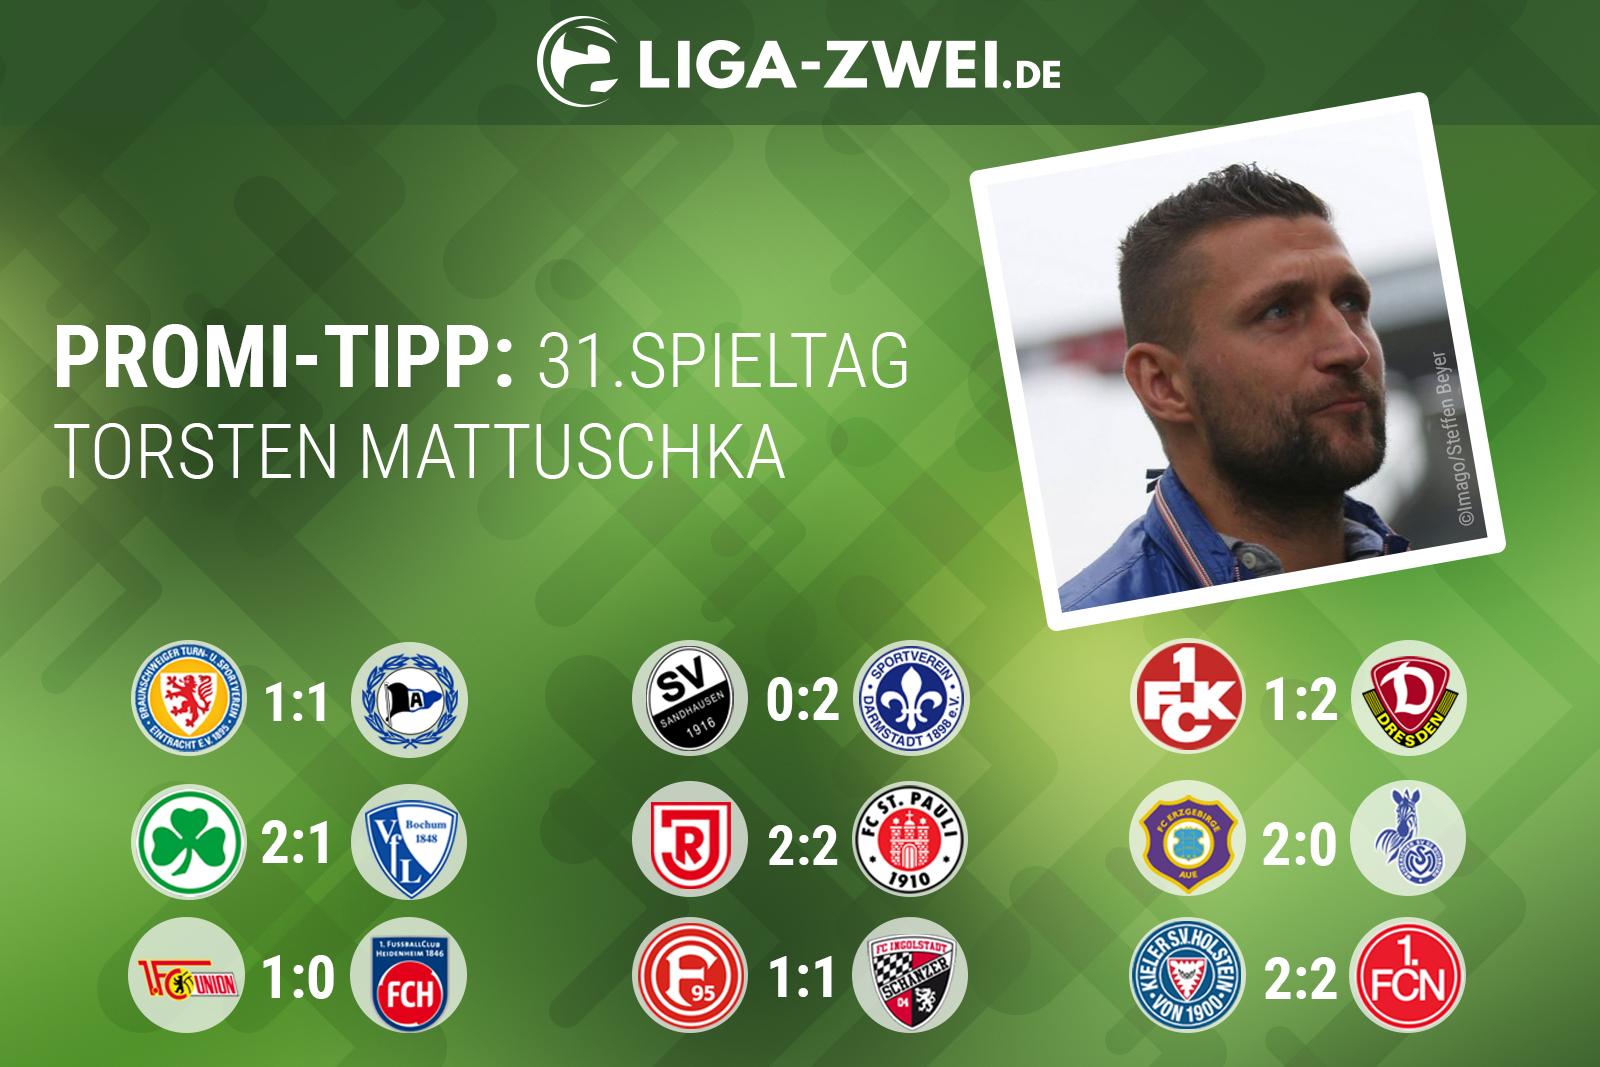 Torsten Mattuschka tippt den 31. Spieltag